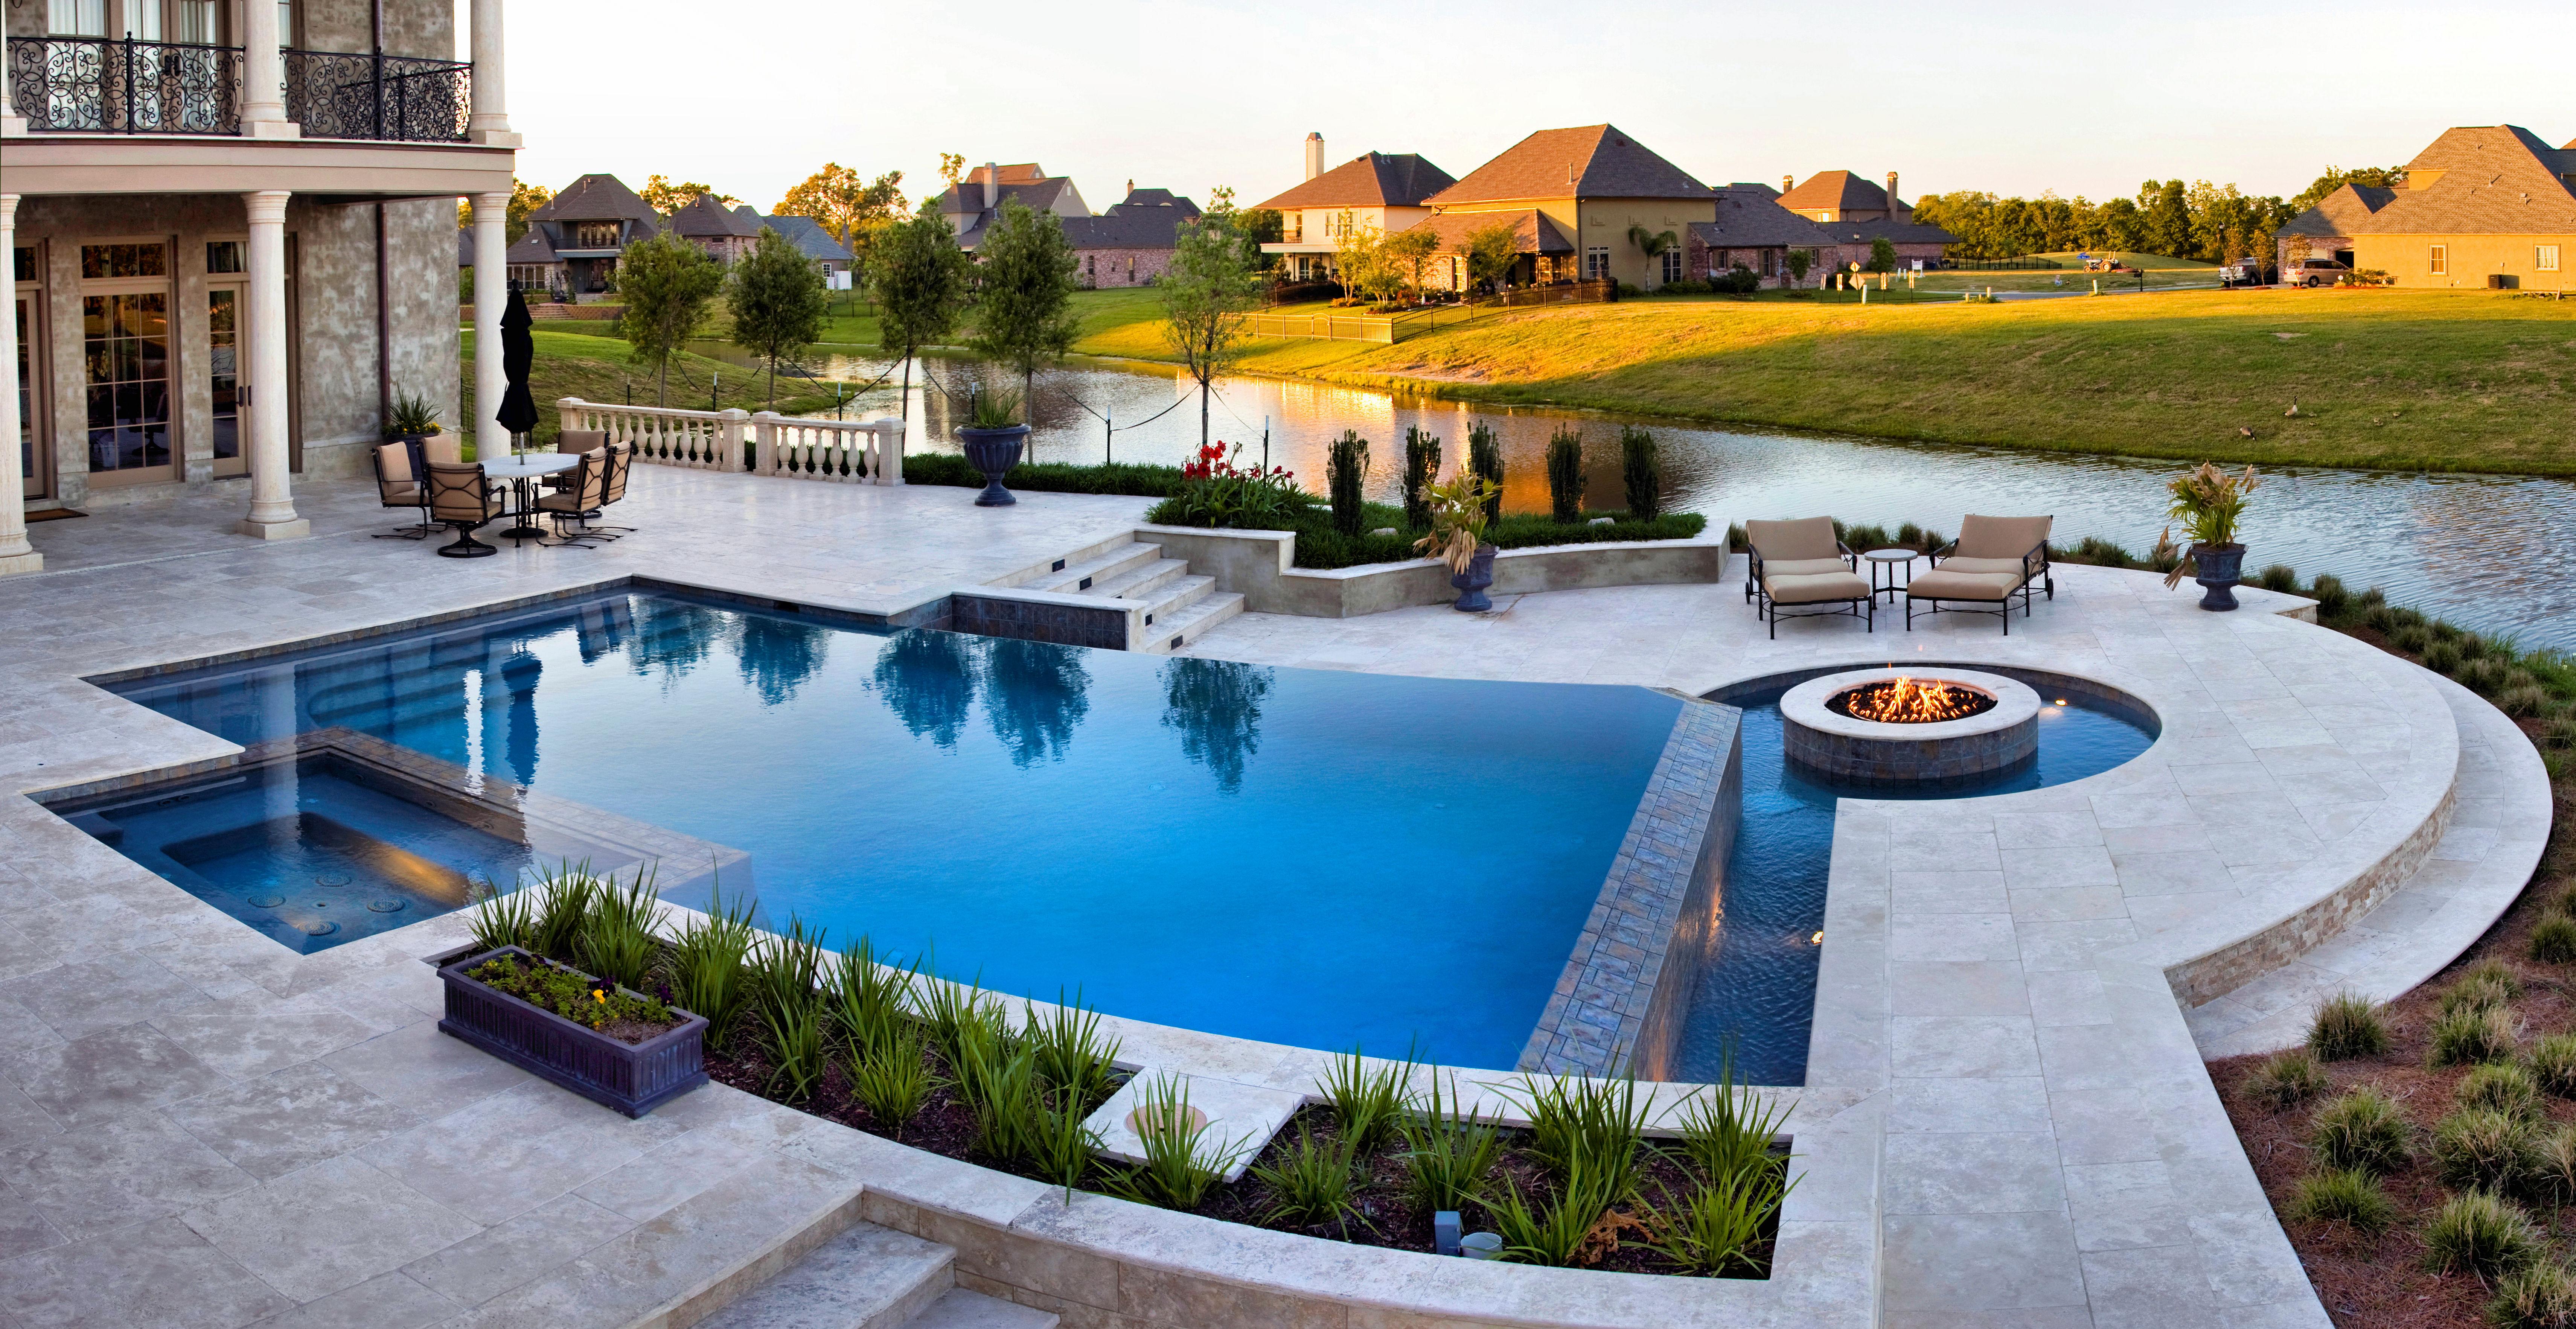 pool design 4 OLKJQGV